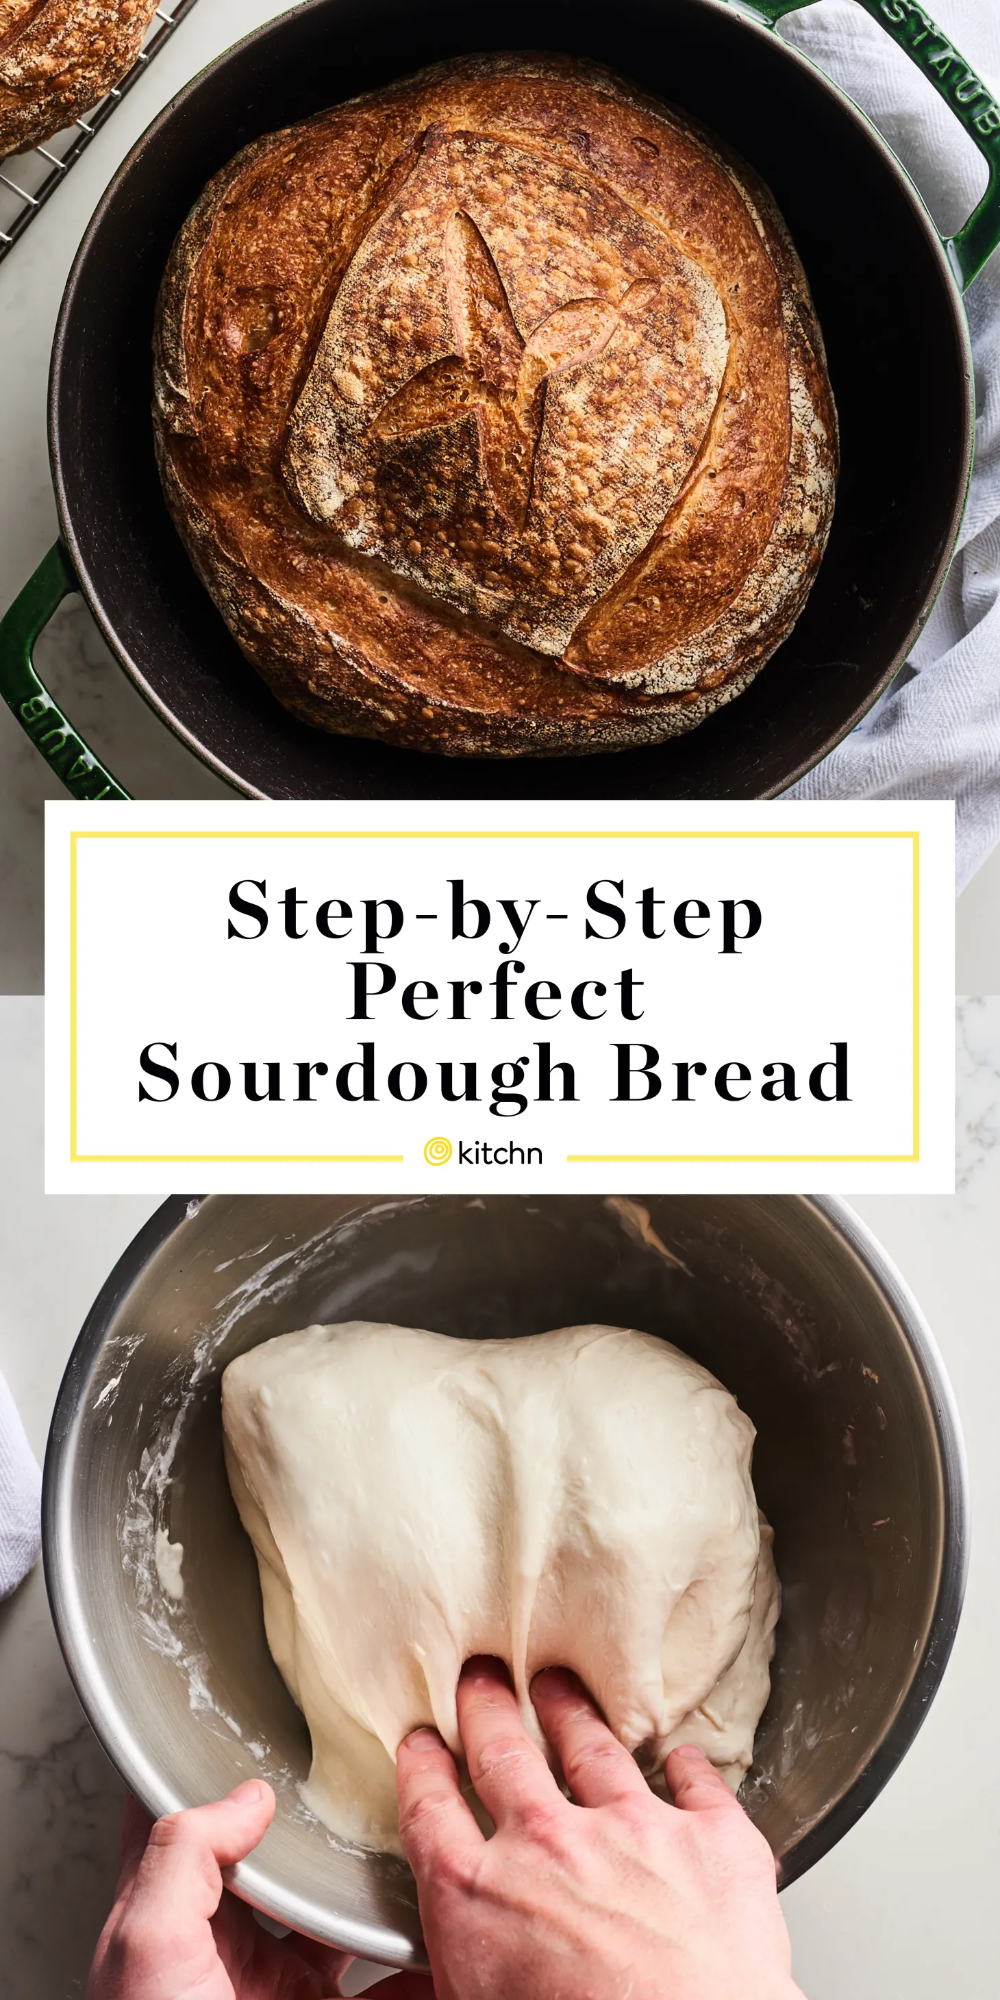 How To Make Sourdough Bread Recipe In 2020 Sourdough Bread Bread Sourdough